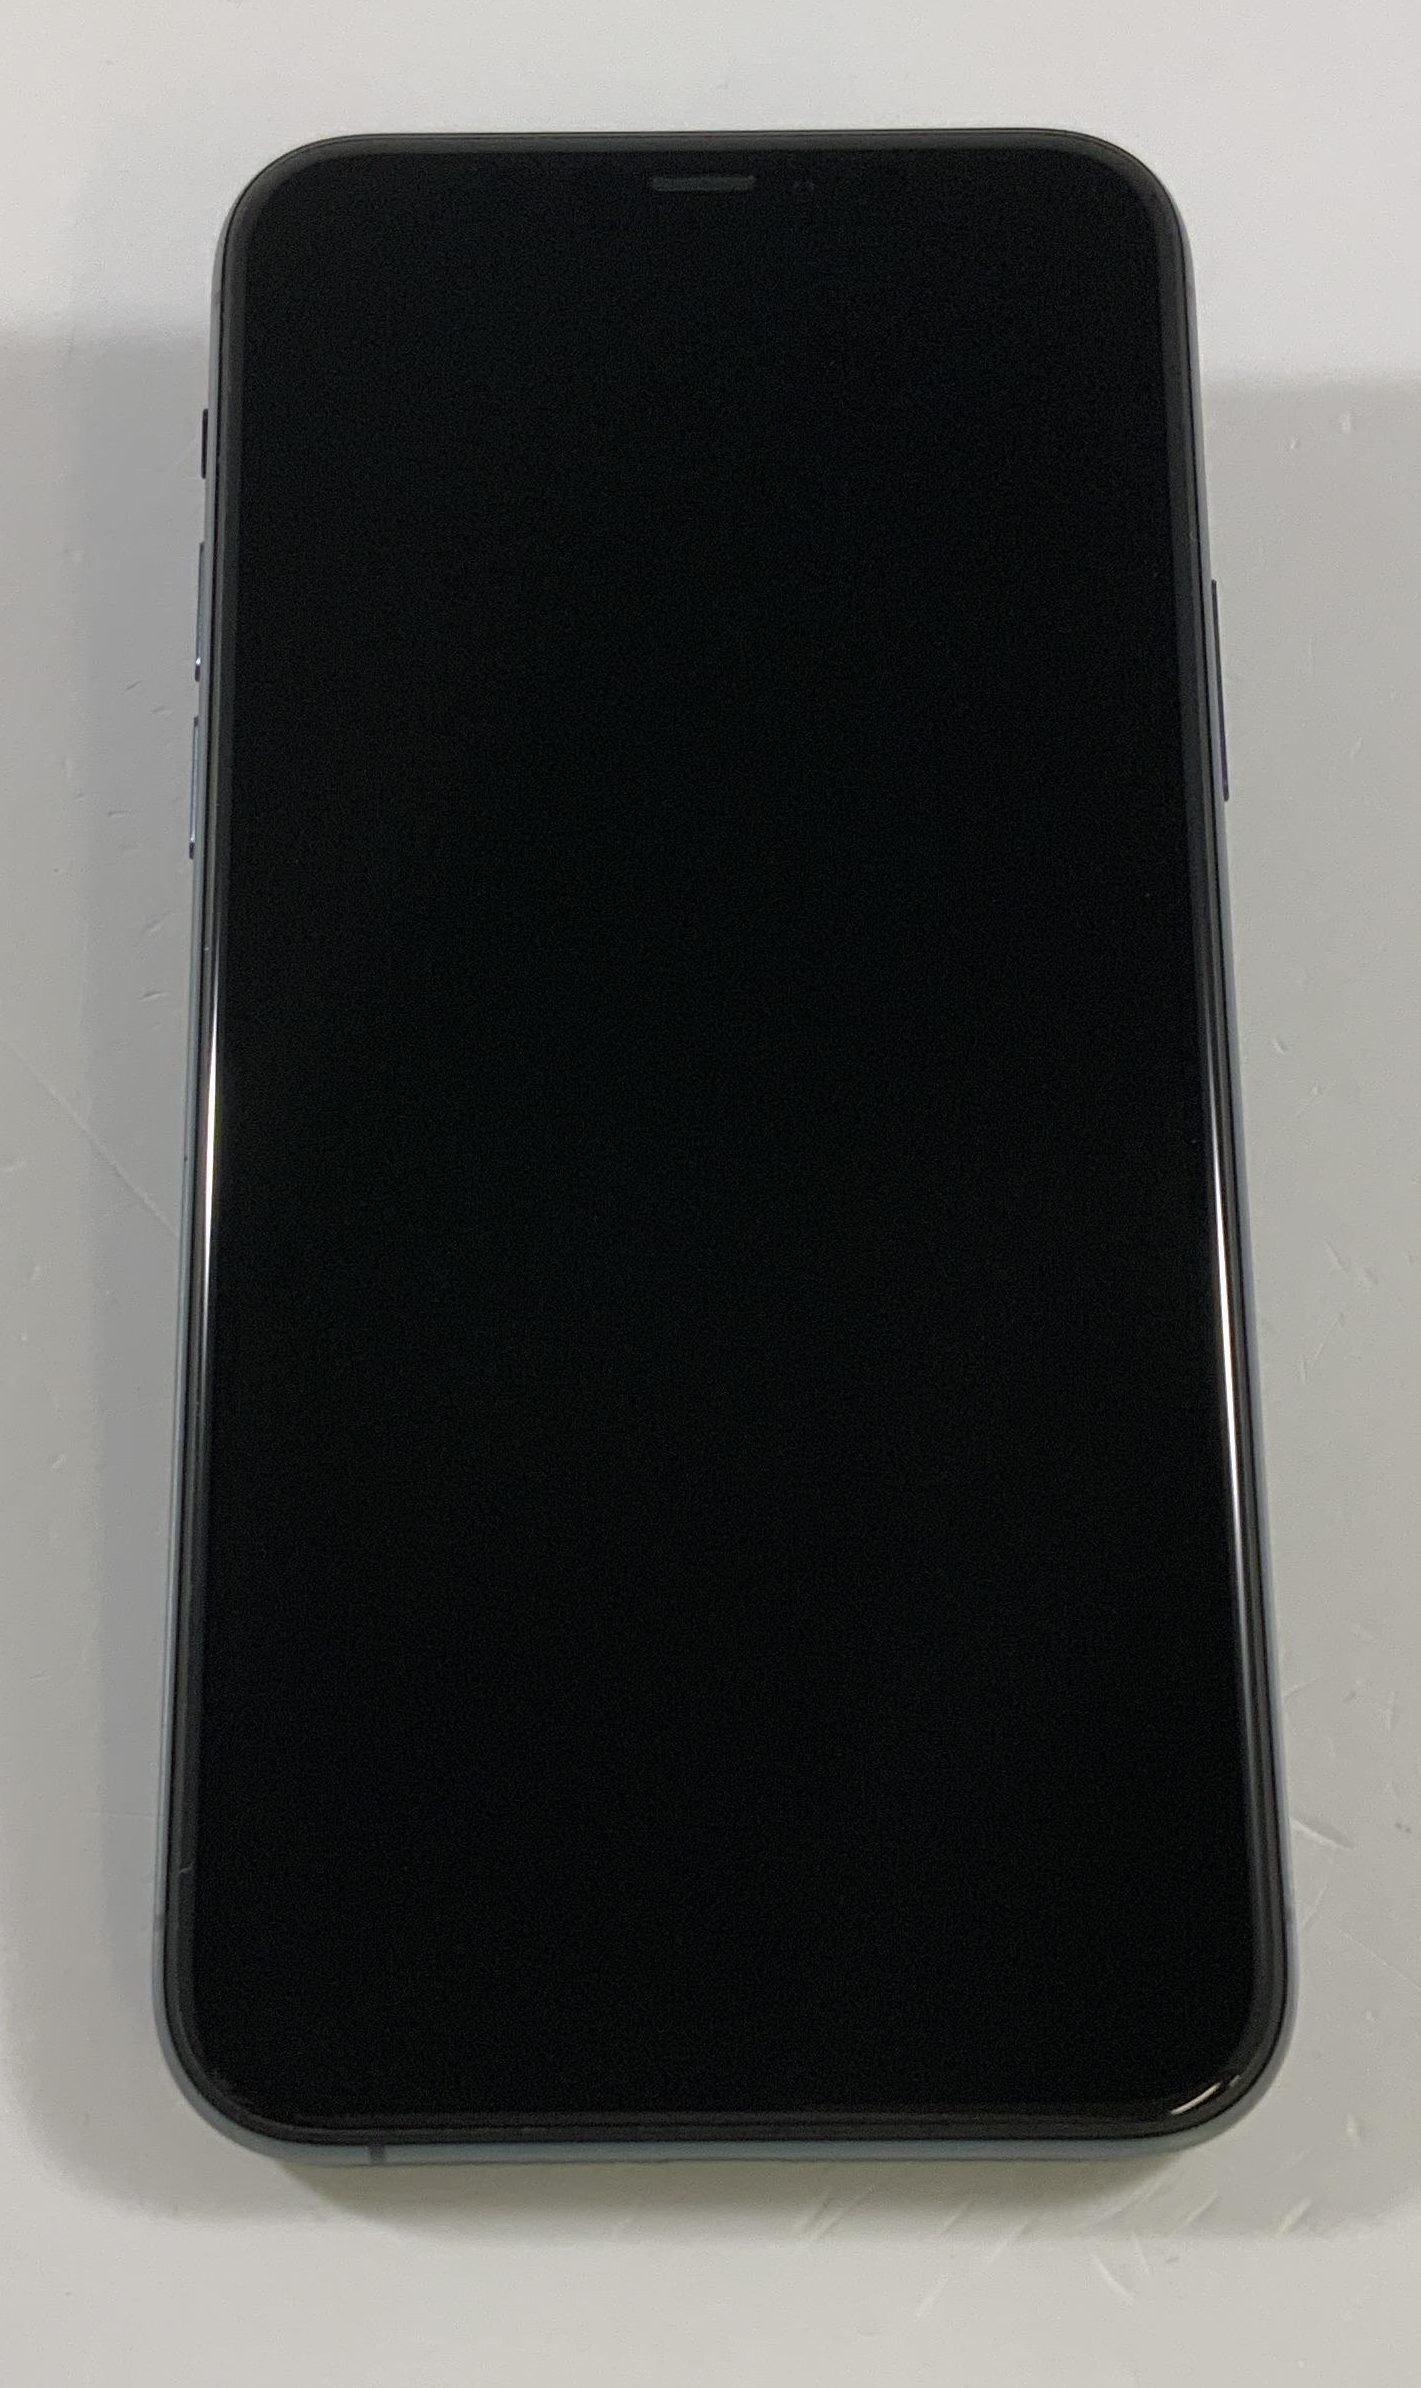 iPhone 11 Pro 256GB, 256GB, Midnight Green, immagine 1